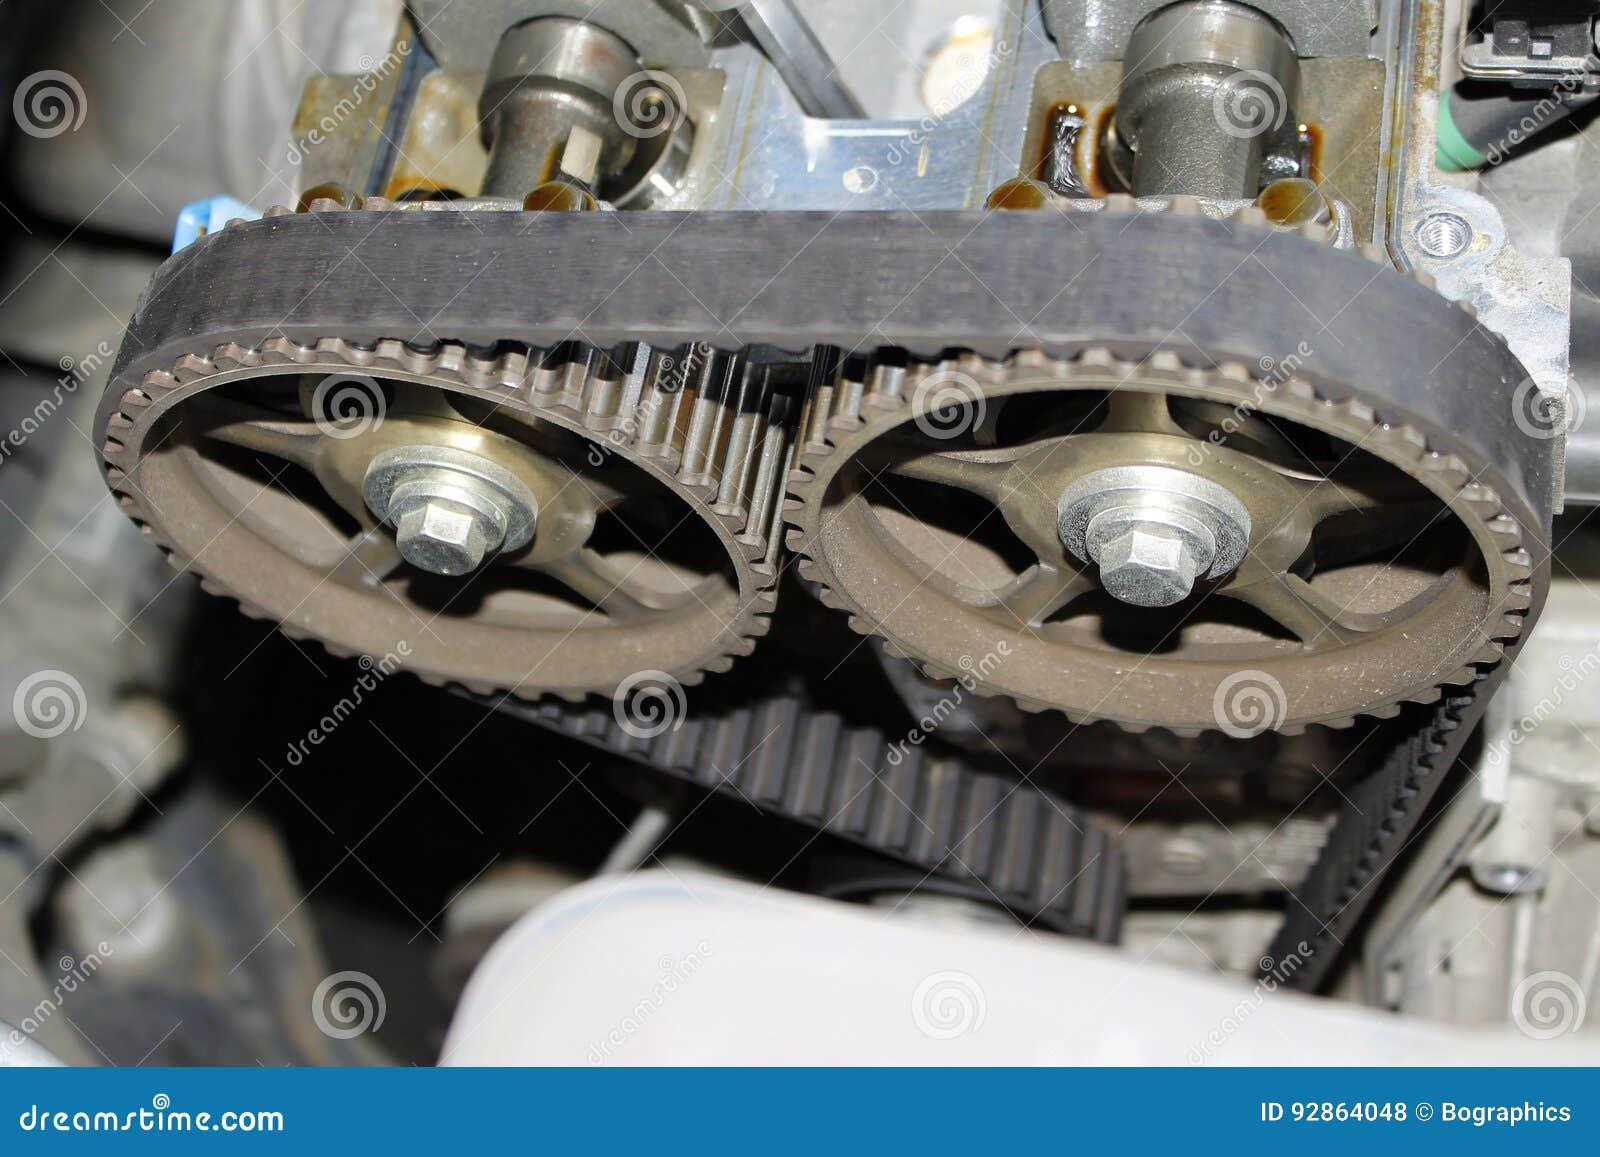 Correia cronometrando do motor em rodas denteadas do eixo de cames